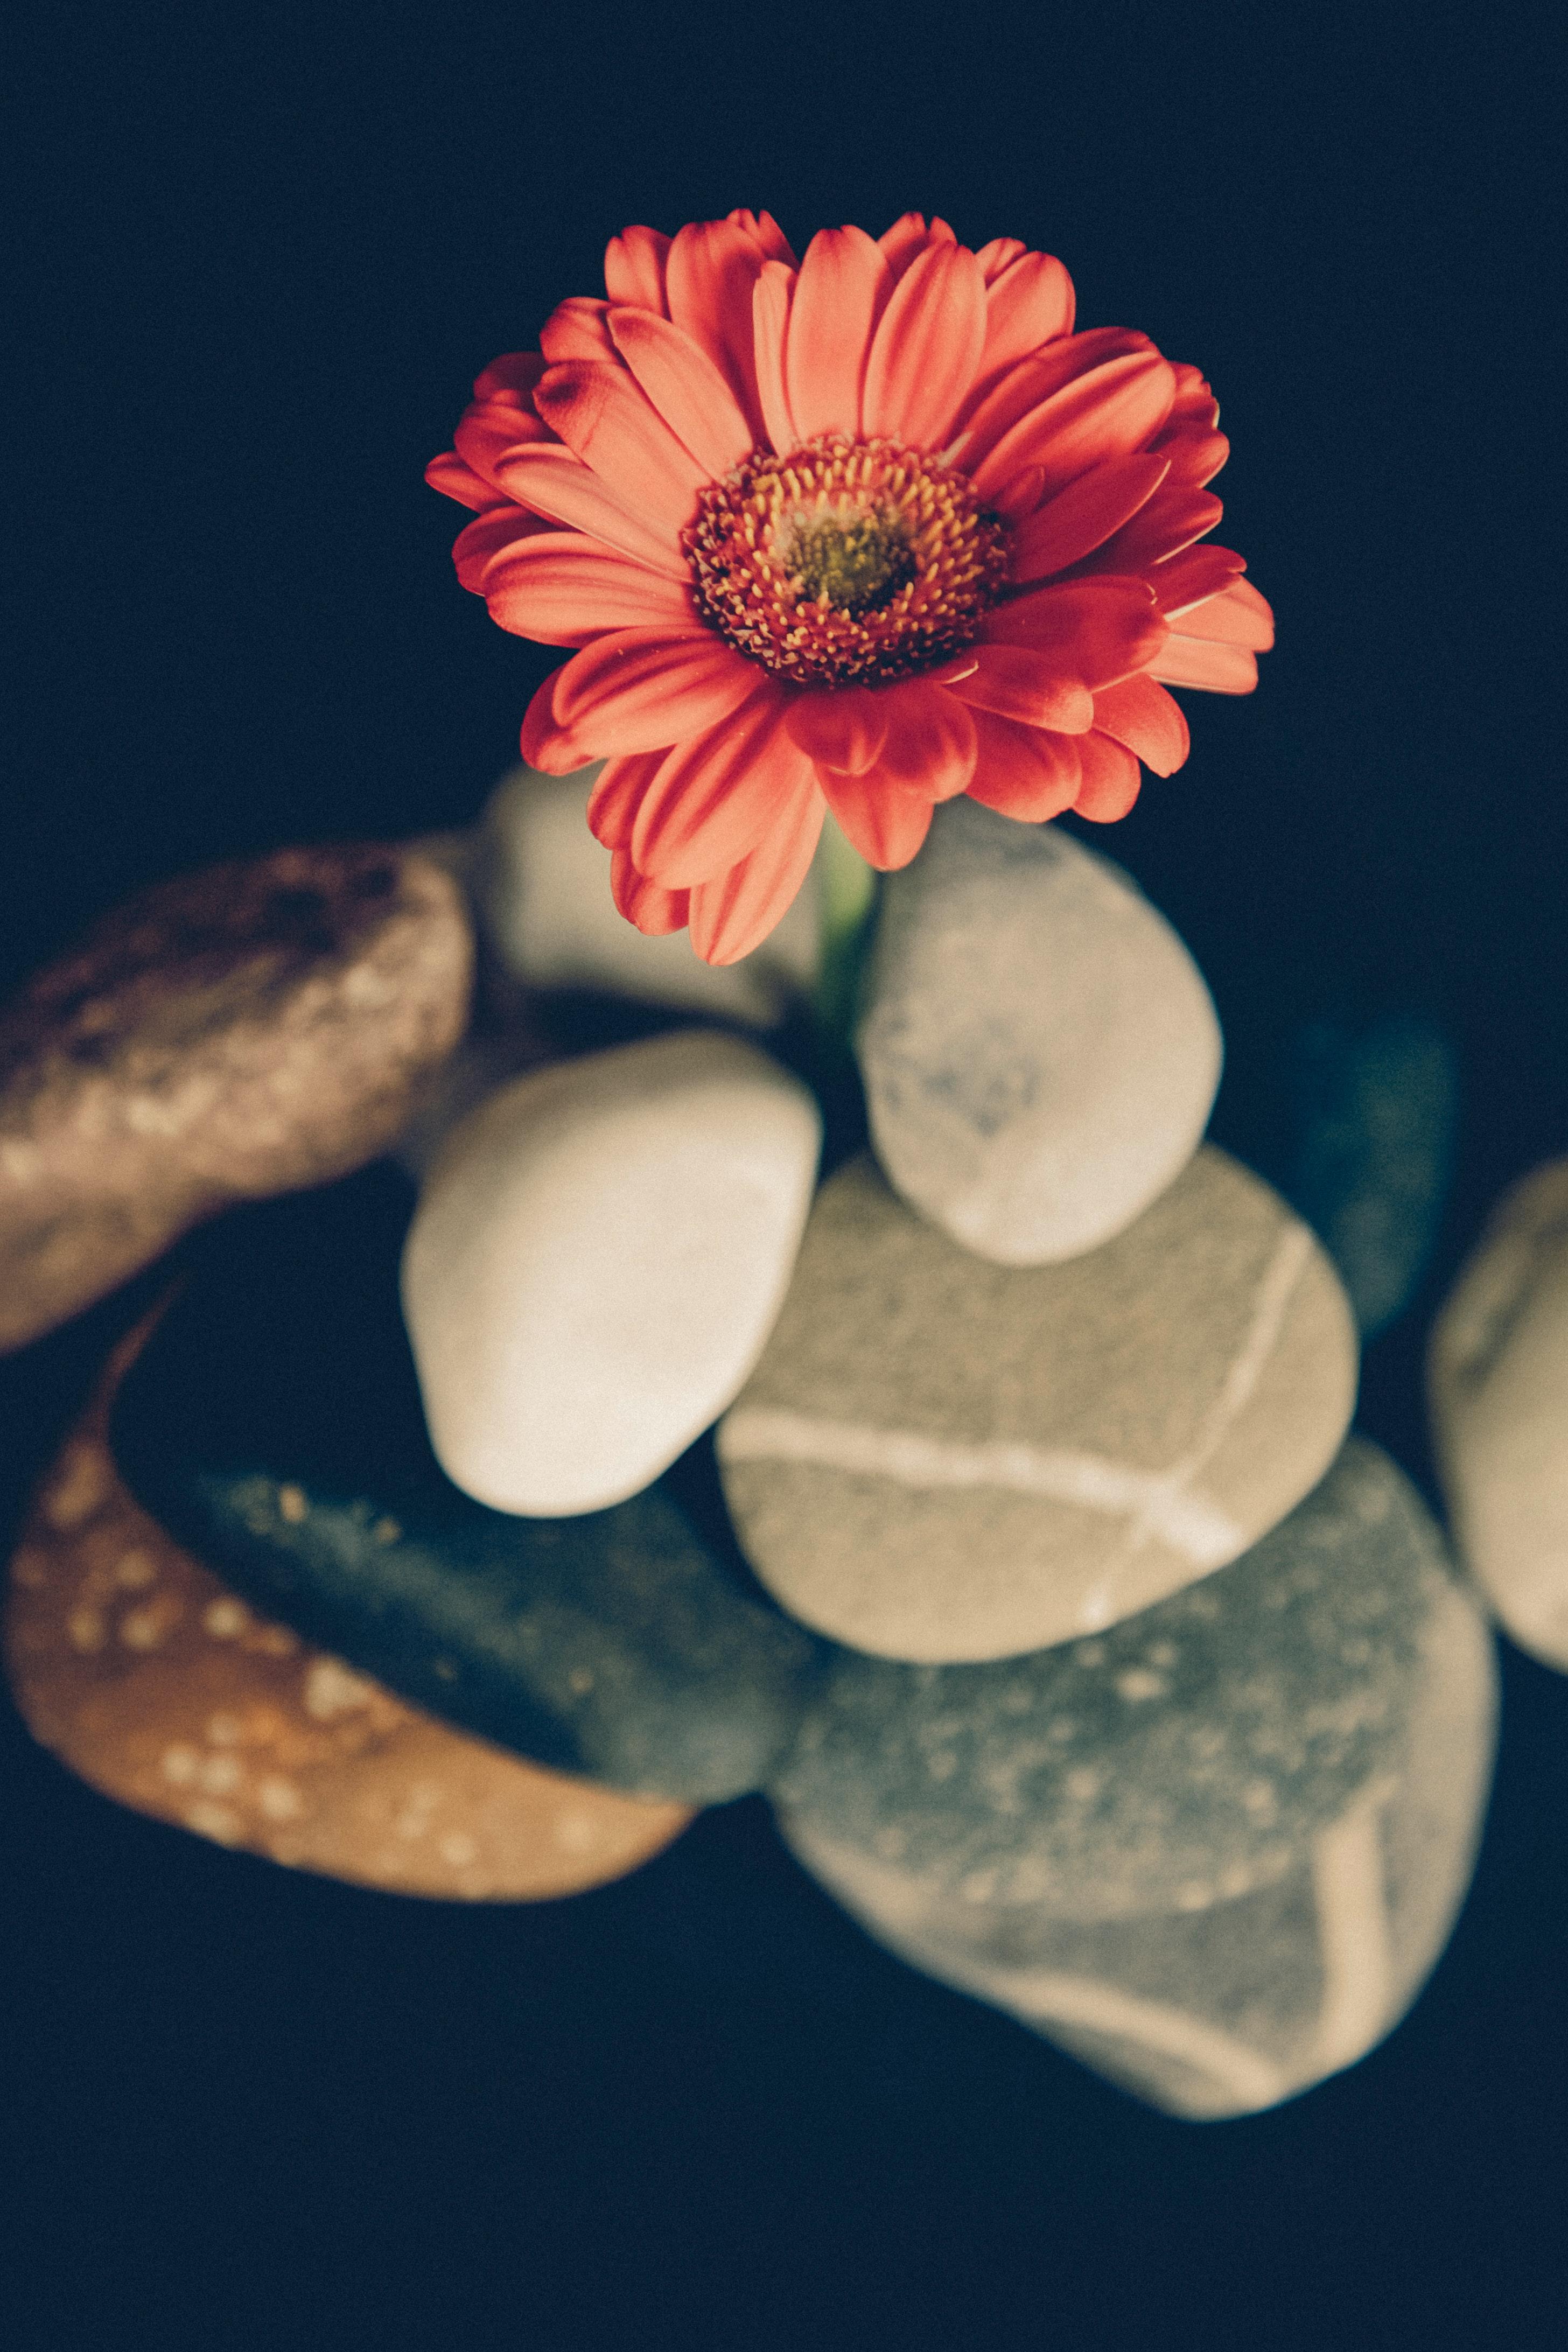 くっきりとした色や形が特徴で、明るく、陽気な雰囲気がプレゼントにもぴったり。種類が豊富で、いろいろな花姿のものがあるので、お母さんのイメージに合わせて選んでみてはいかがでしょう。